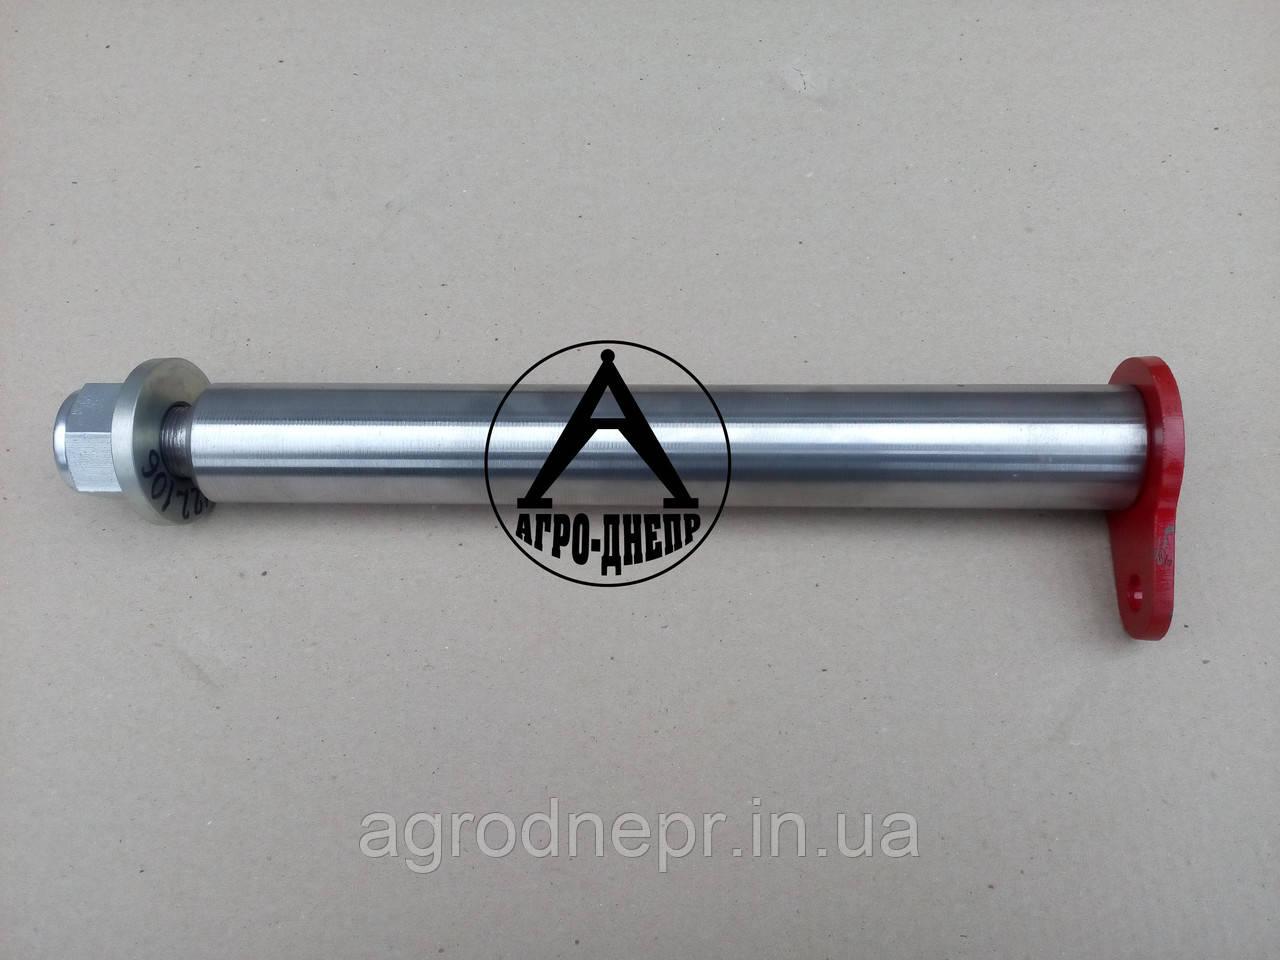 122250 Ось горизонтальная кардана плуга оборотного SP 9-SPW 9 Gregoire Besson  (в сборе с гайкой VJ335 и шайбо